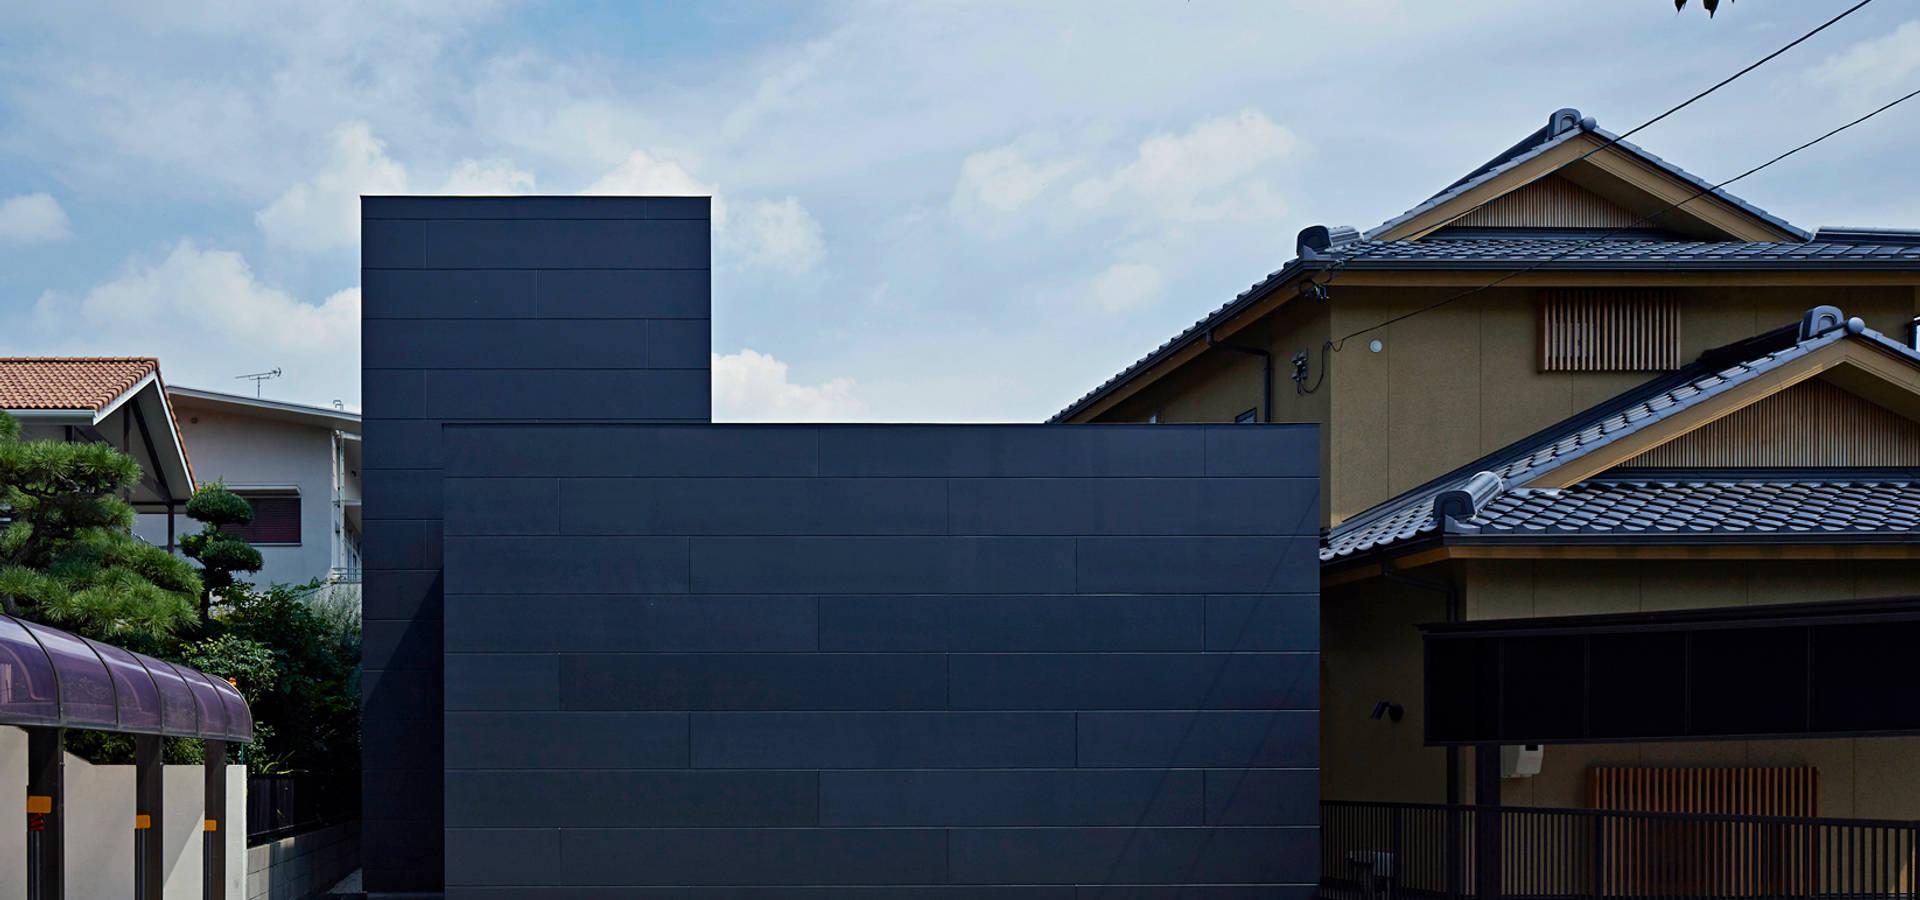 Isao Kato architects / 加藤功建築設計事務所